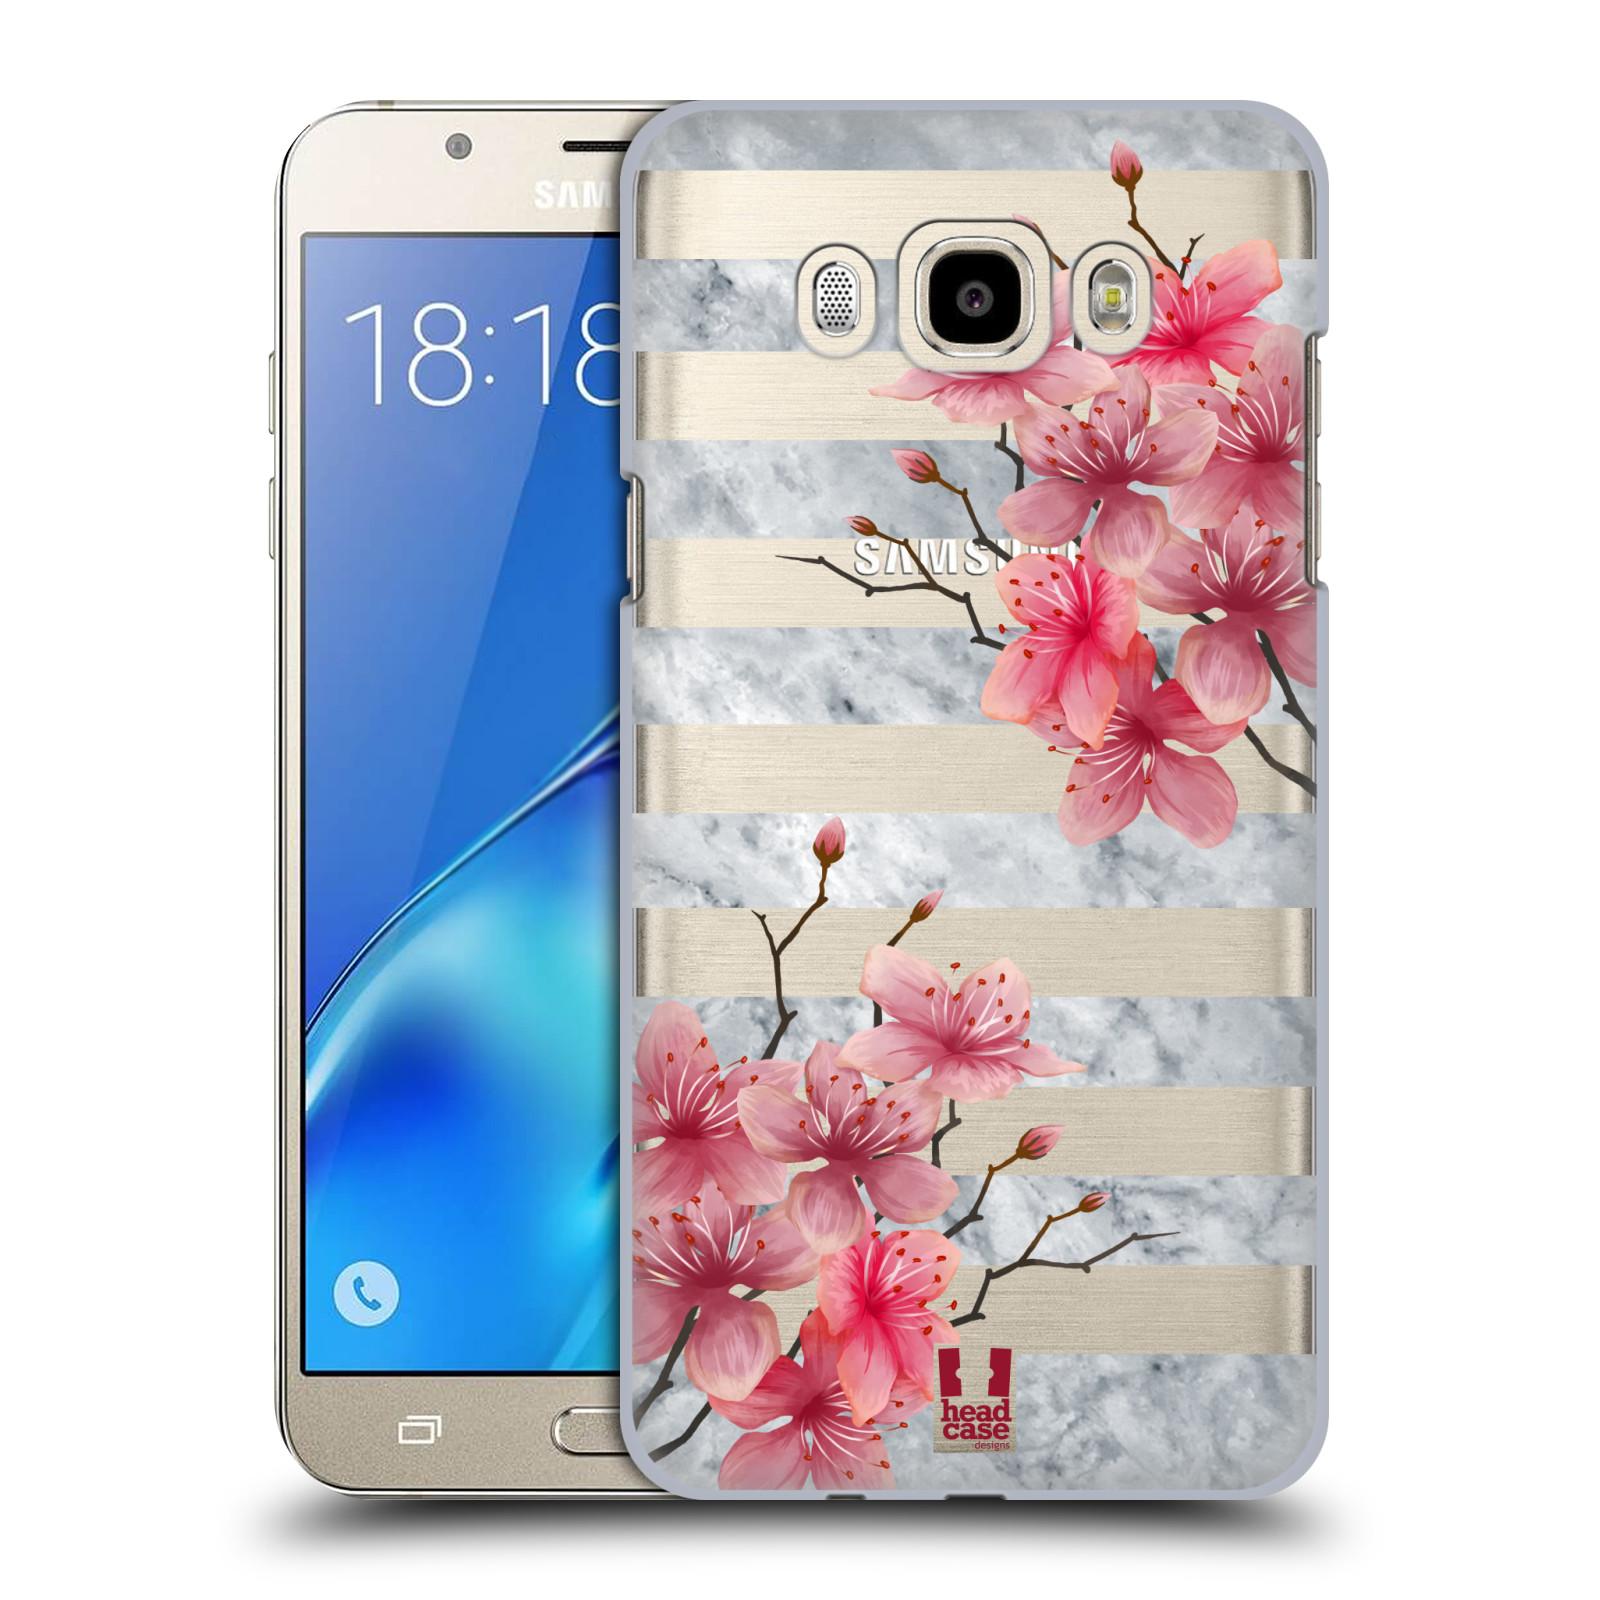 Plastové pouzdro na mobil Samsung Galaxy J7 (2016) - Head Case - Kvítka a mramor